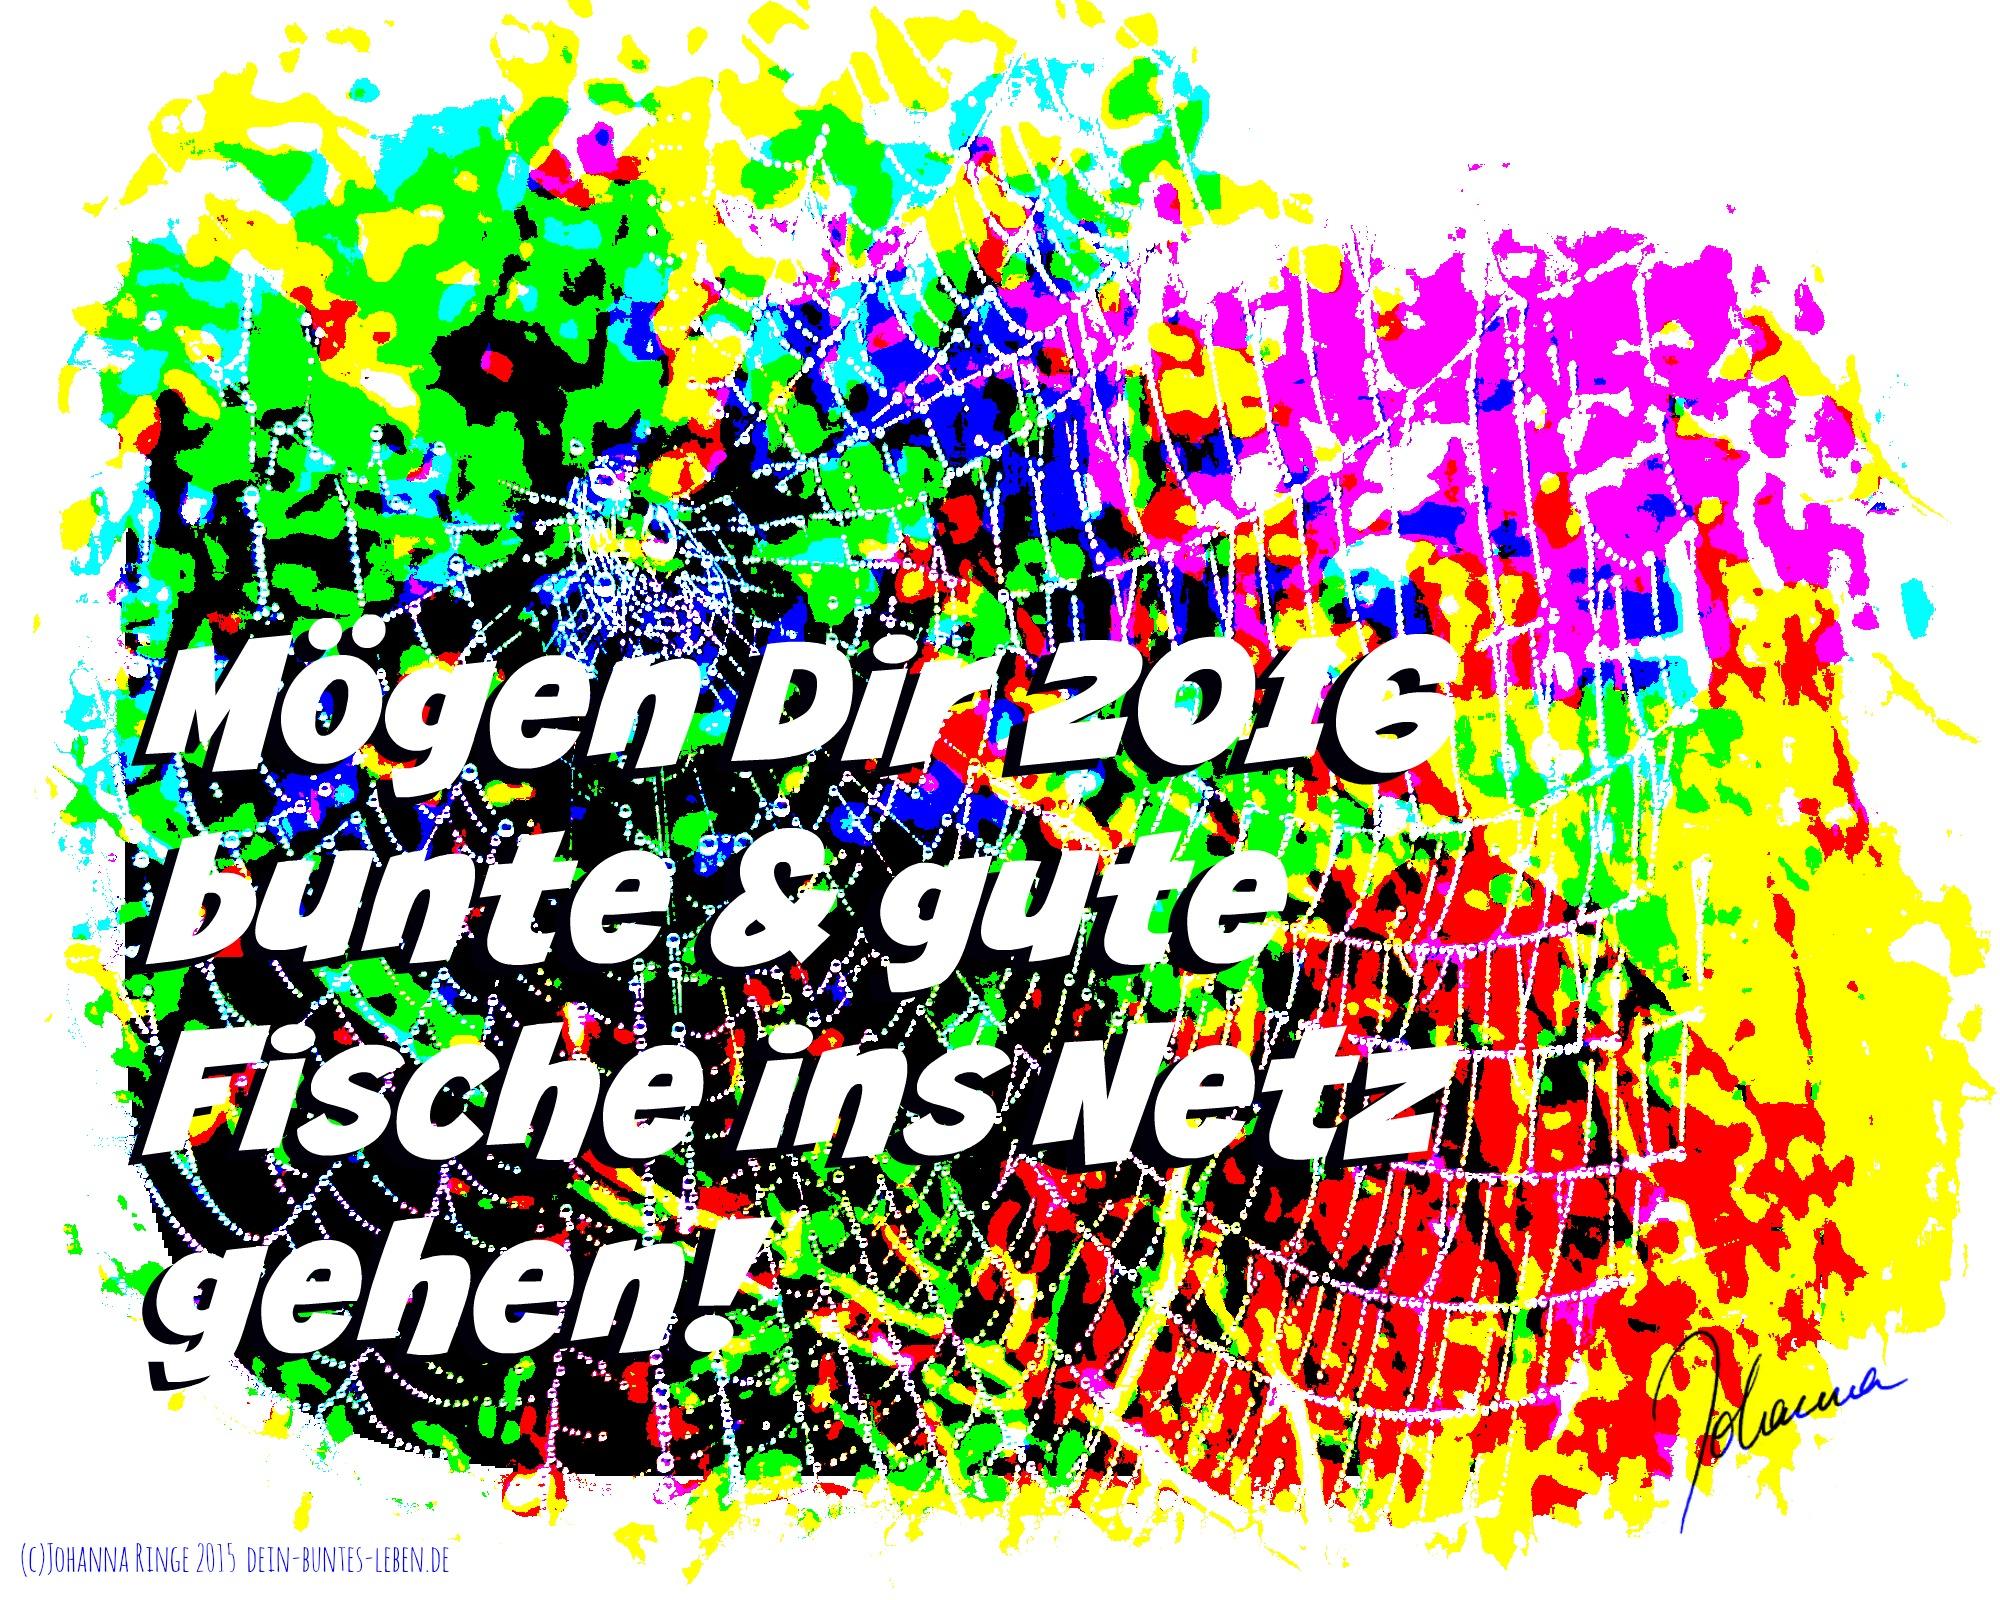 Nach was fischst du 2016? (c)Johanna Ringe 2015 dein-buntes-leben.de